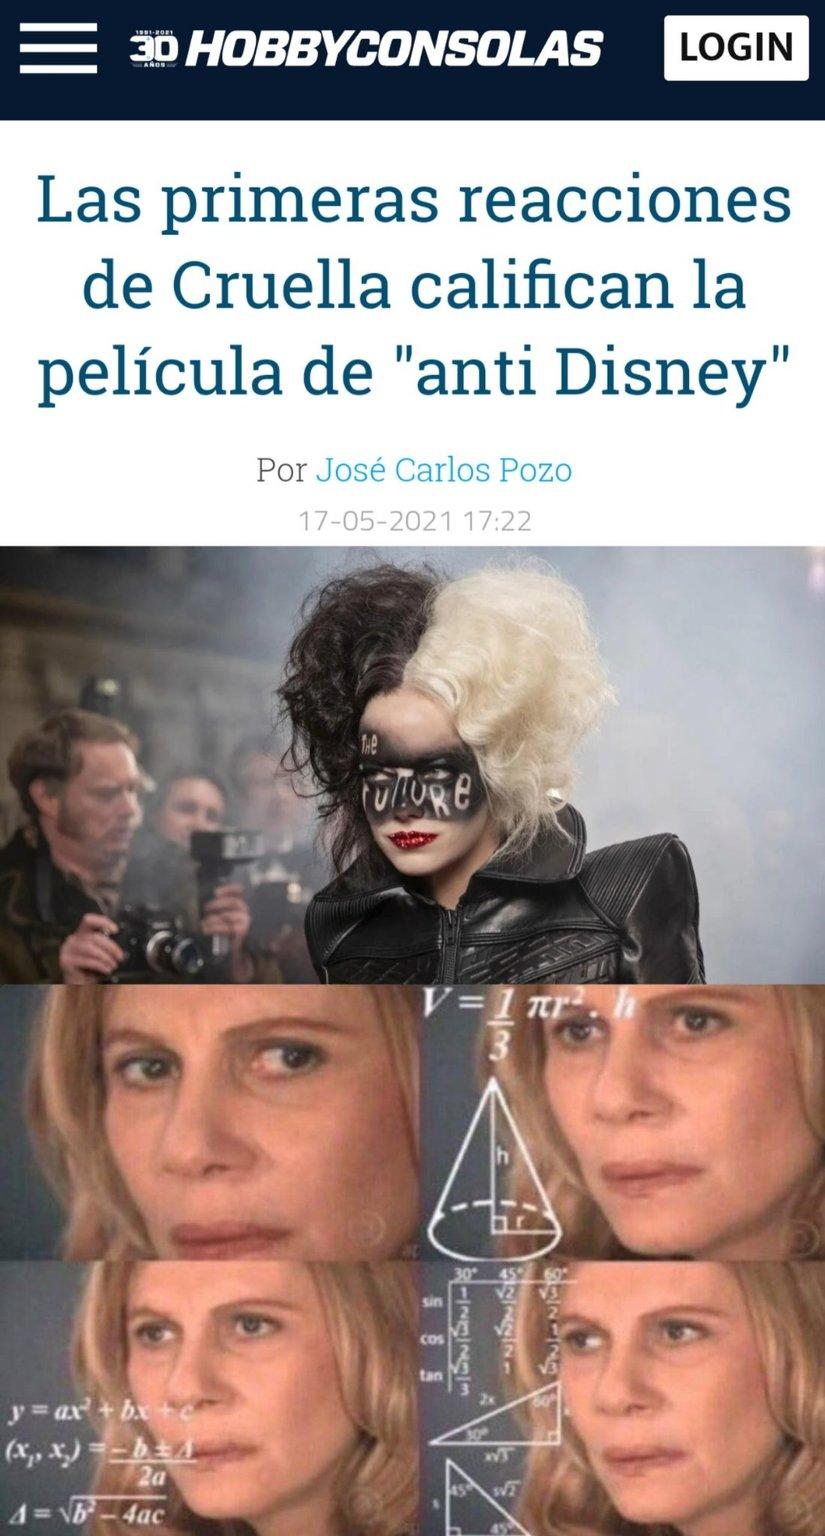 Como va a ser anti-disney si la hizo Disney??? - meme